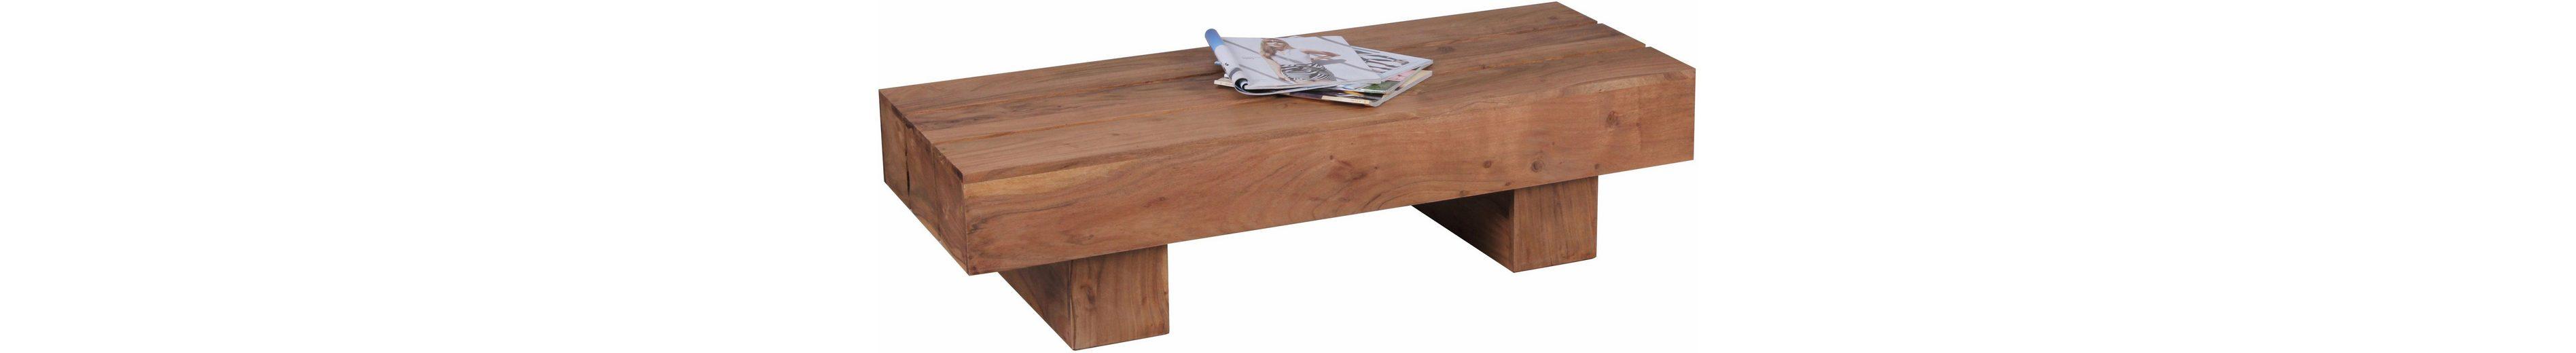 Home affaire Couchtisch »Geta«, aus massivem Akazienholz